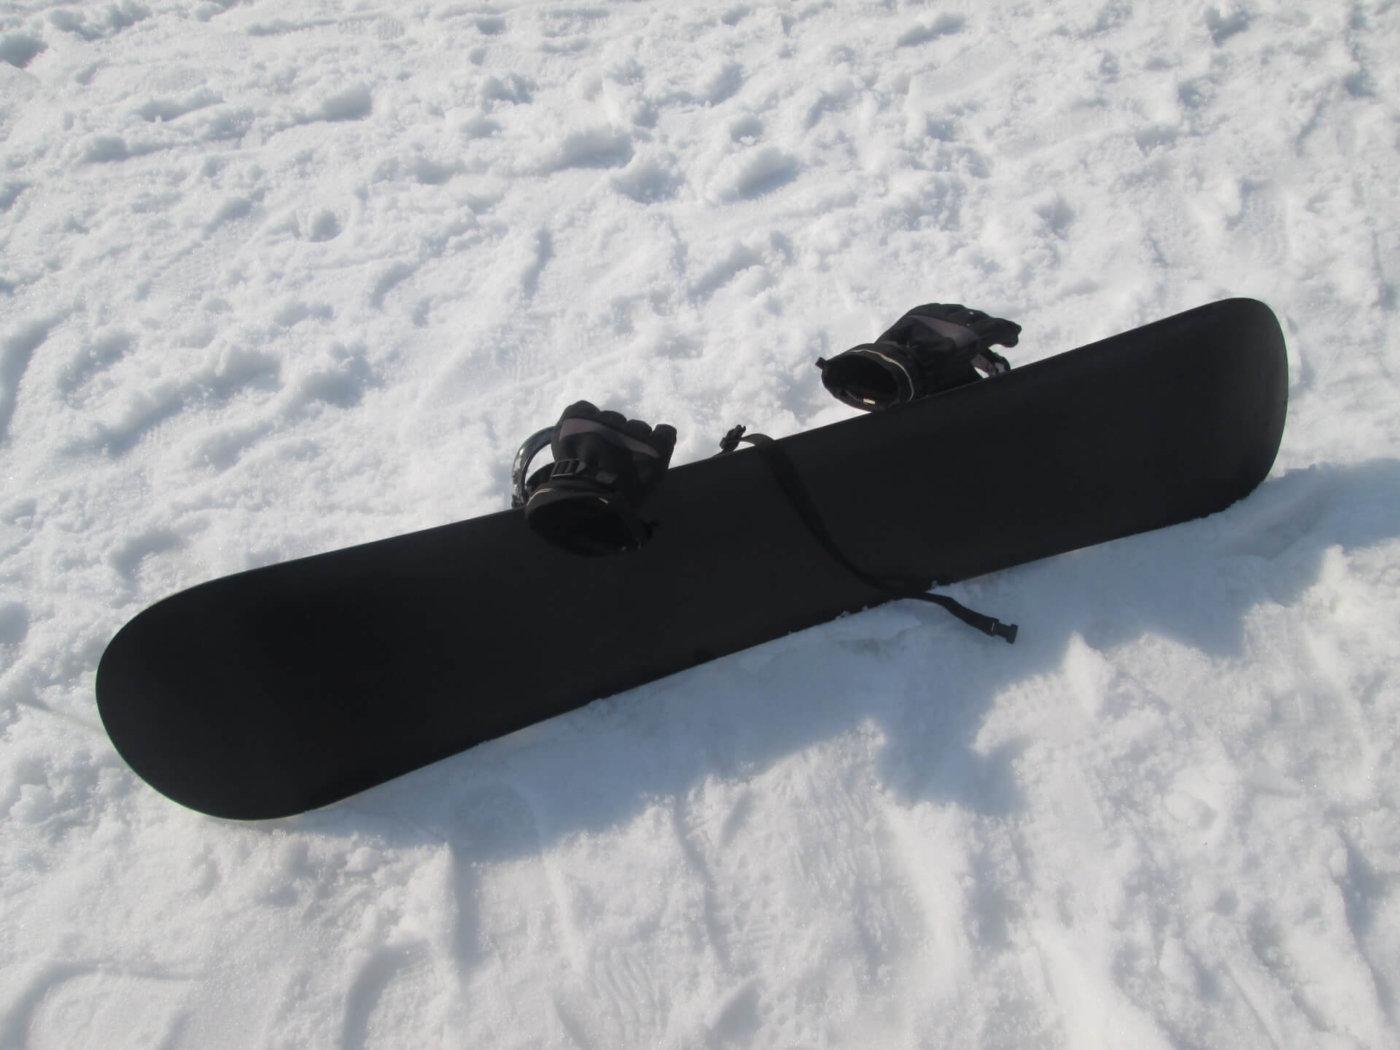 【スノーボード初心者講座】ビンディングを取り付けてみよう!